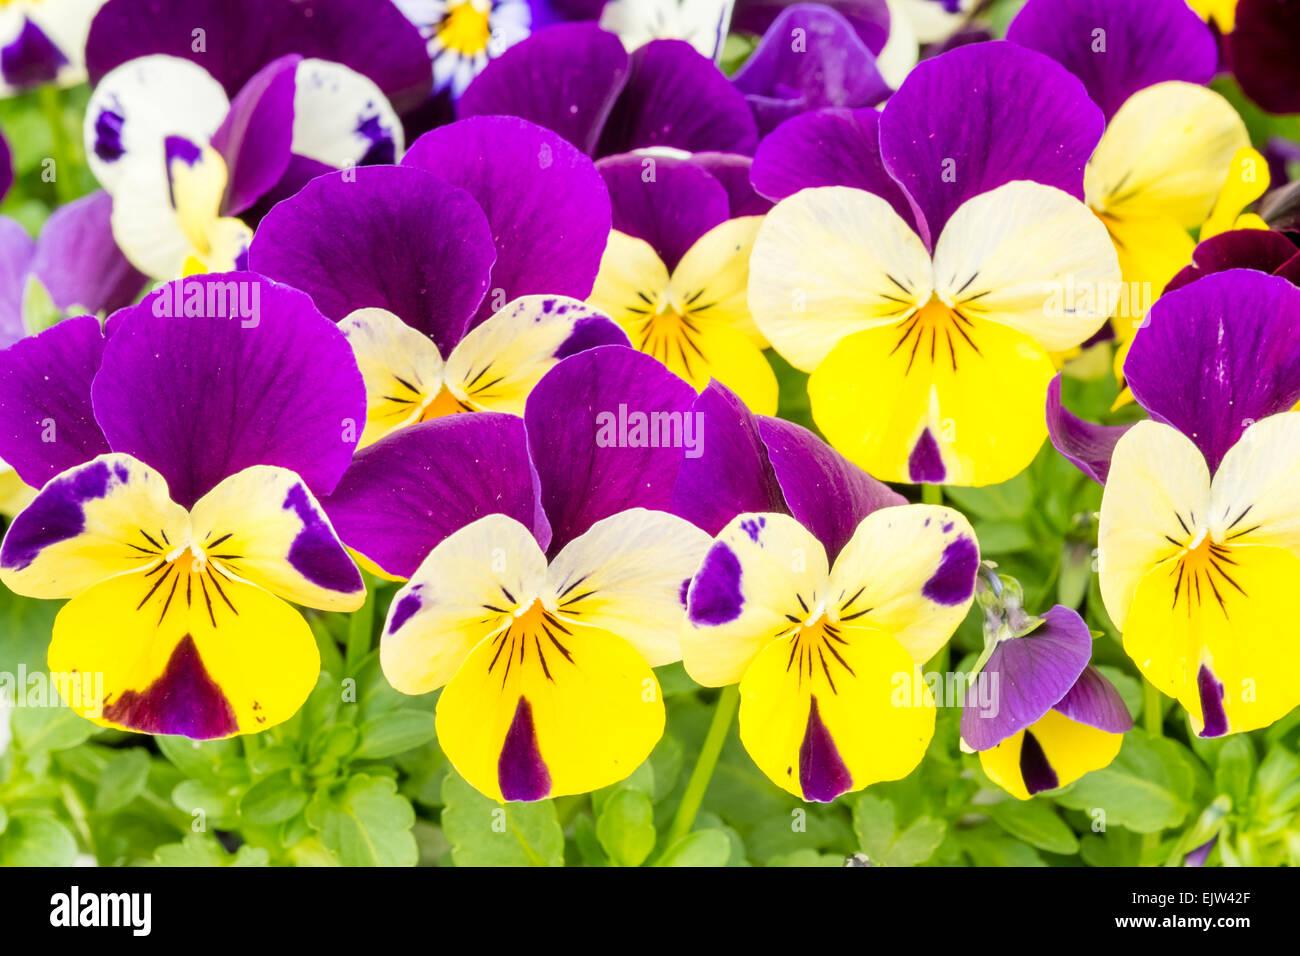 Viola flowers 'Violet Sorbet', UK. - Stock Image